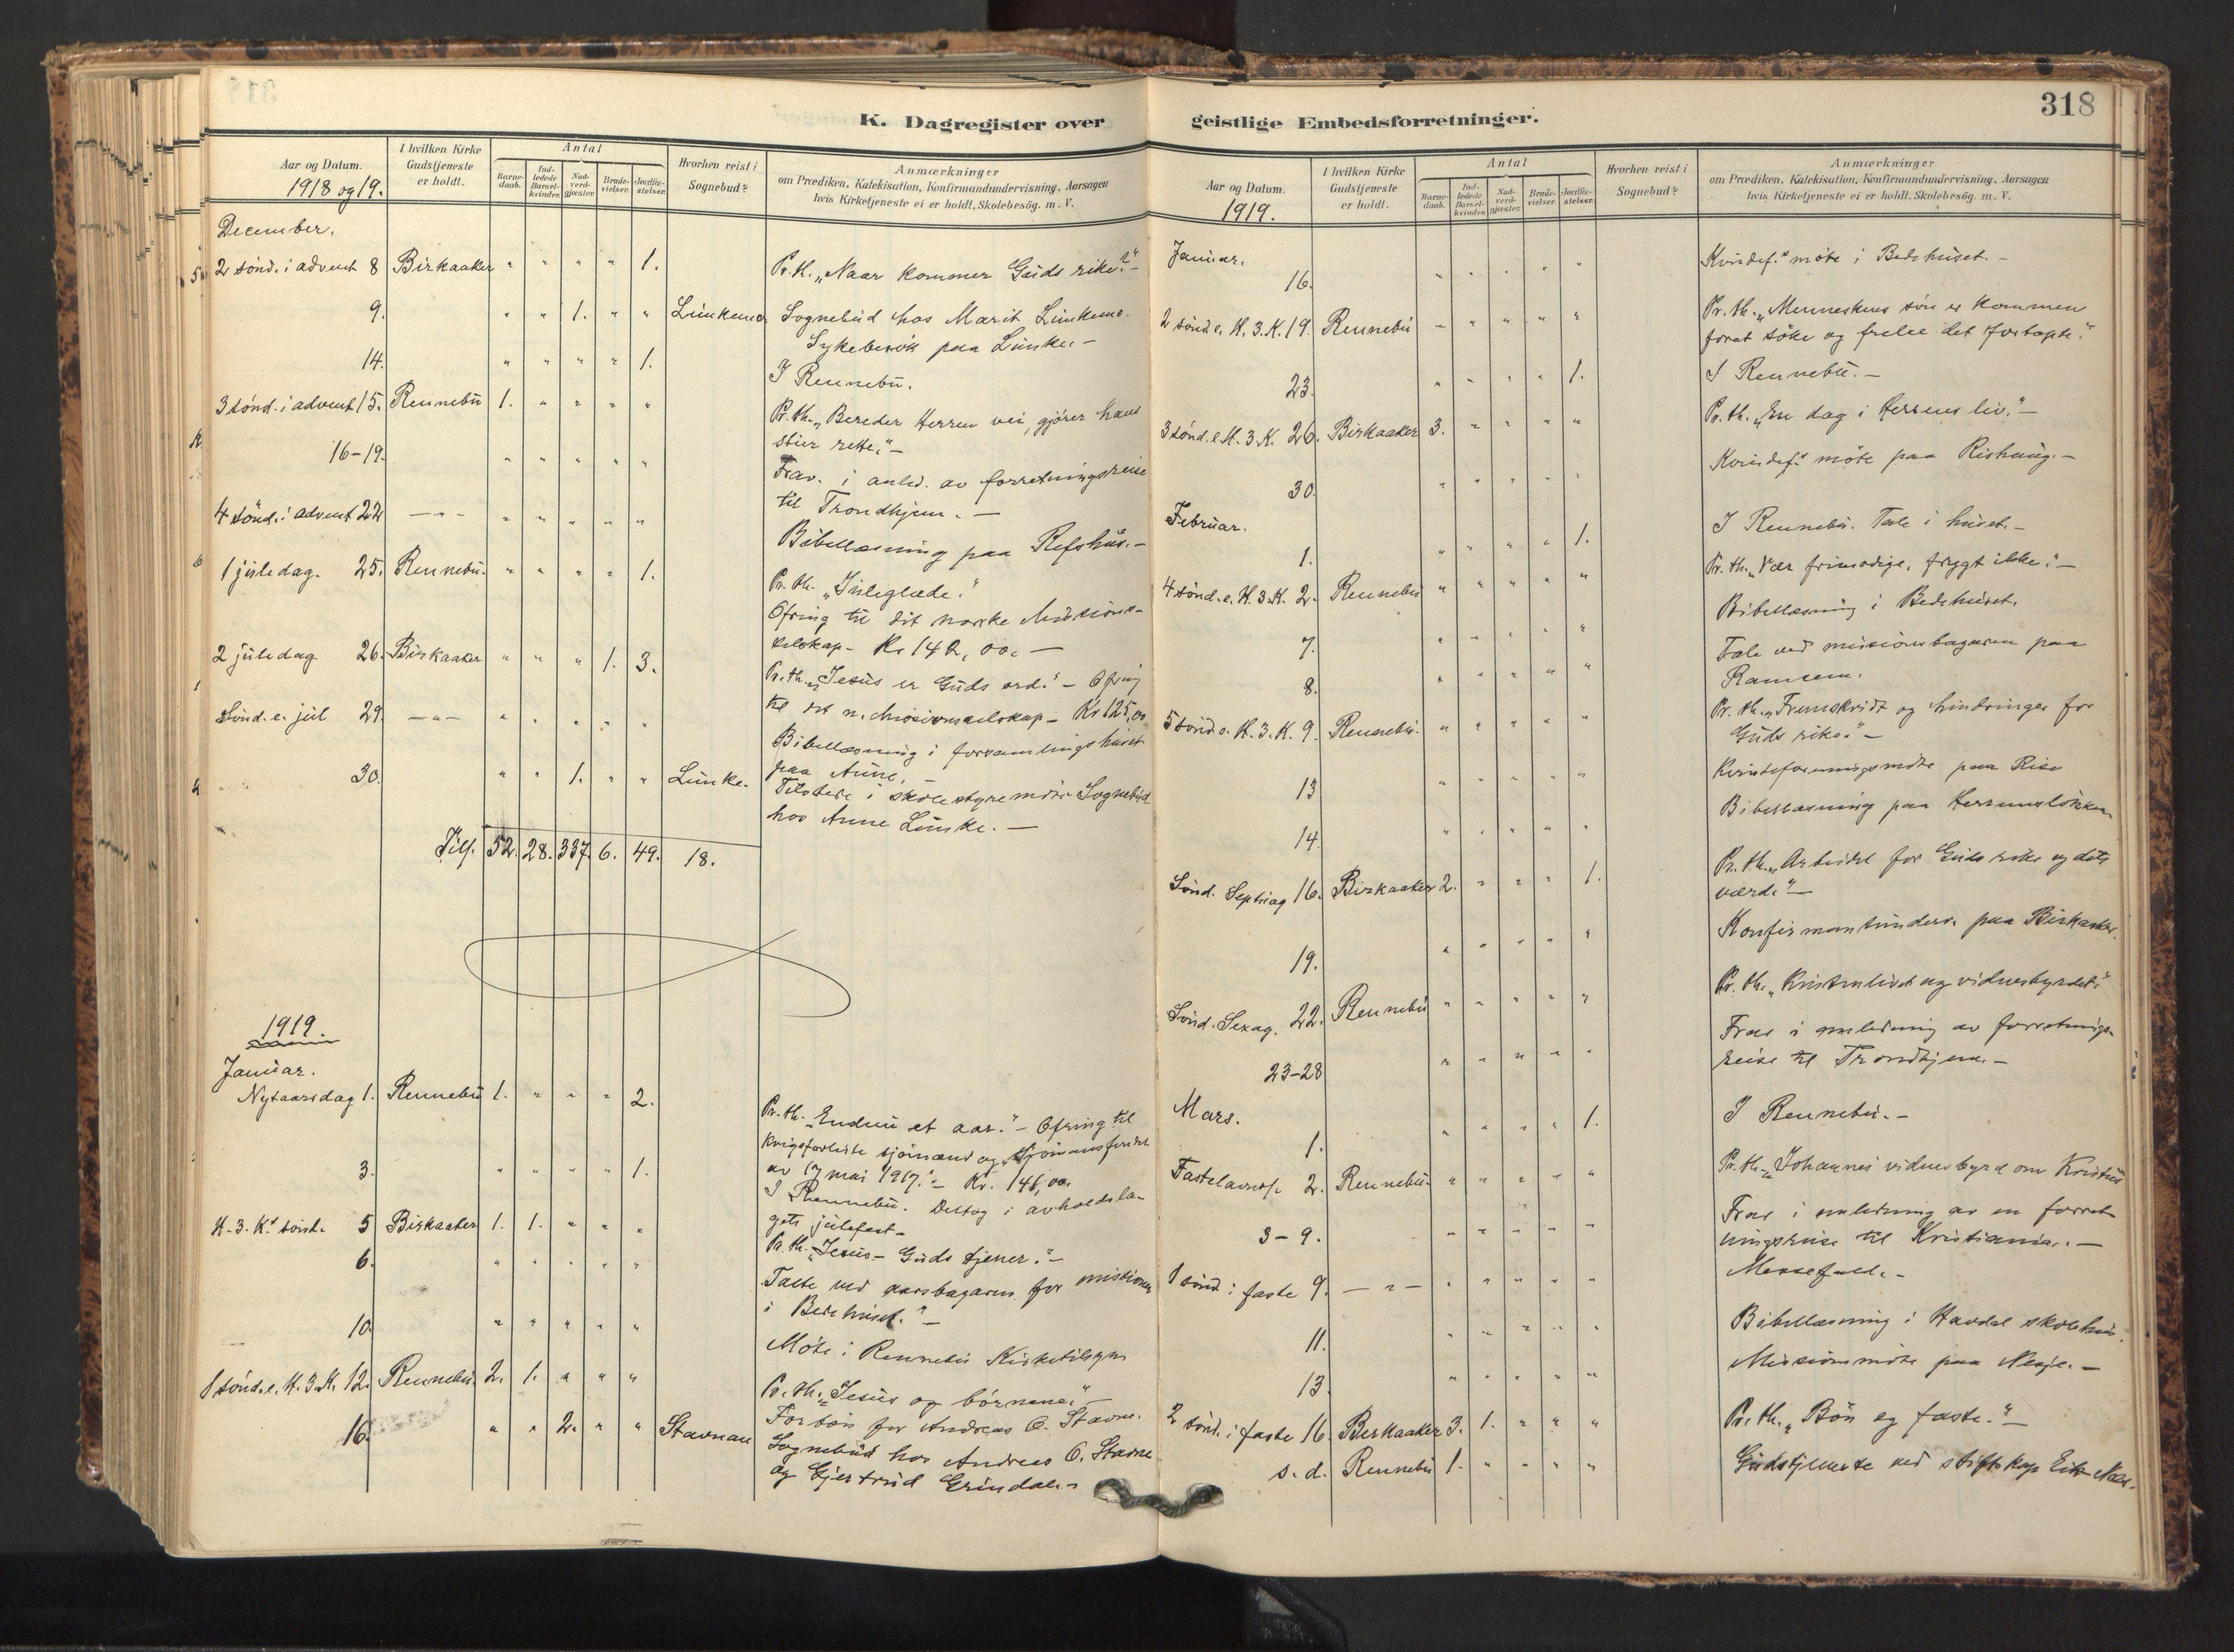 SAT, Ministerialprotokoller, klokkerbøker og fødselsregistre - Sør-Trøndelag, 674/L0873: Ministerialbok nr. 674A05, 1908-1923, s. 318